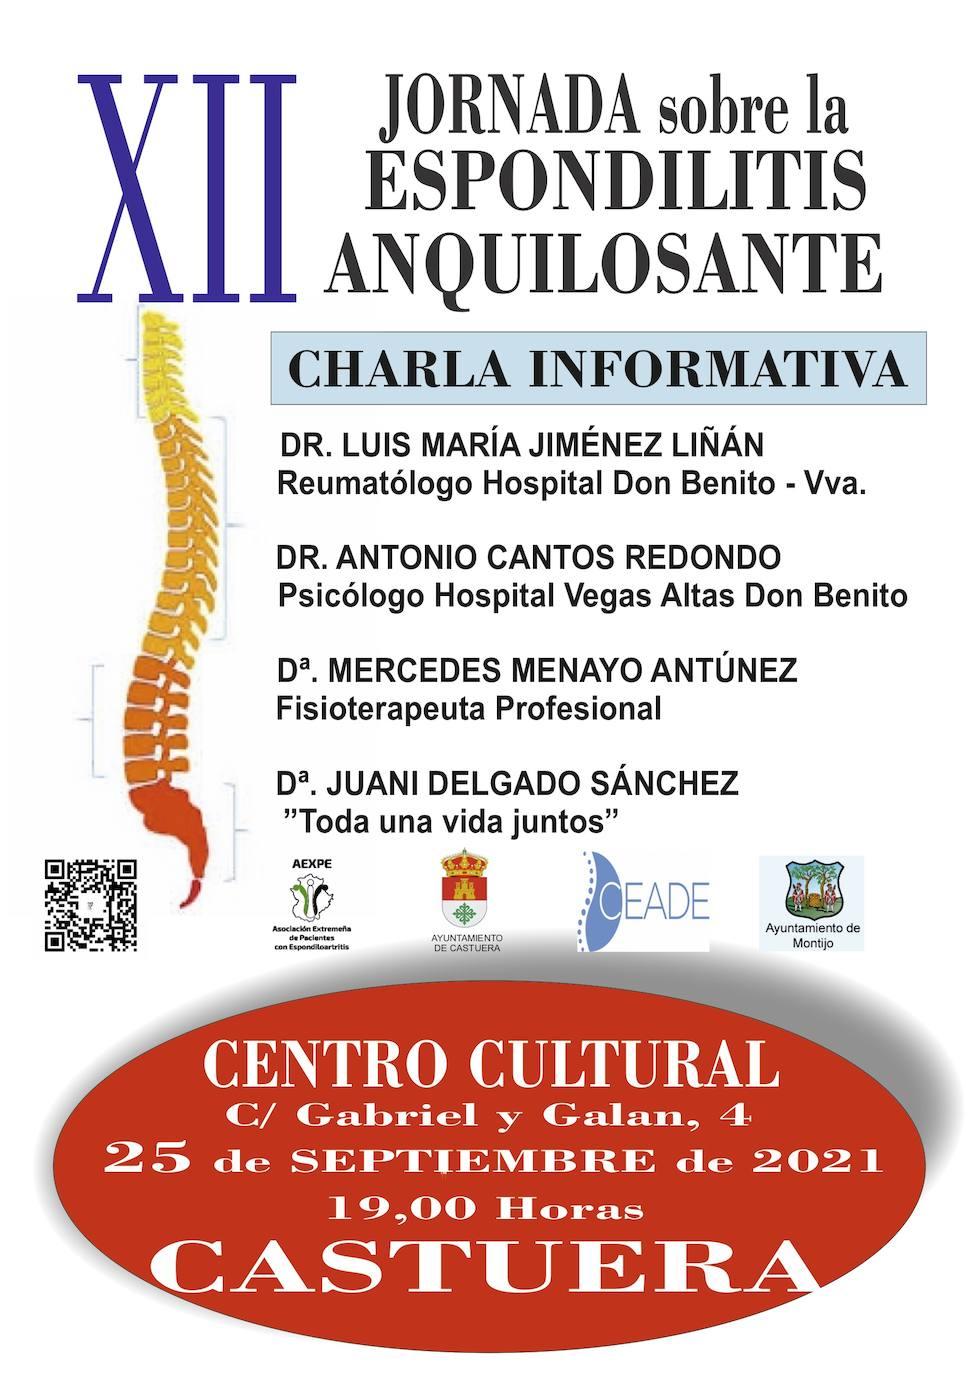 Jornada sobre 'Espondiloartritis' el sábado 25 de septiembre en el Centro Cultural